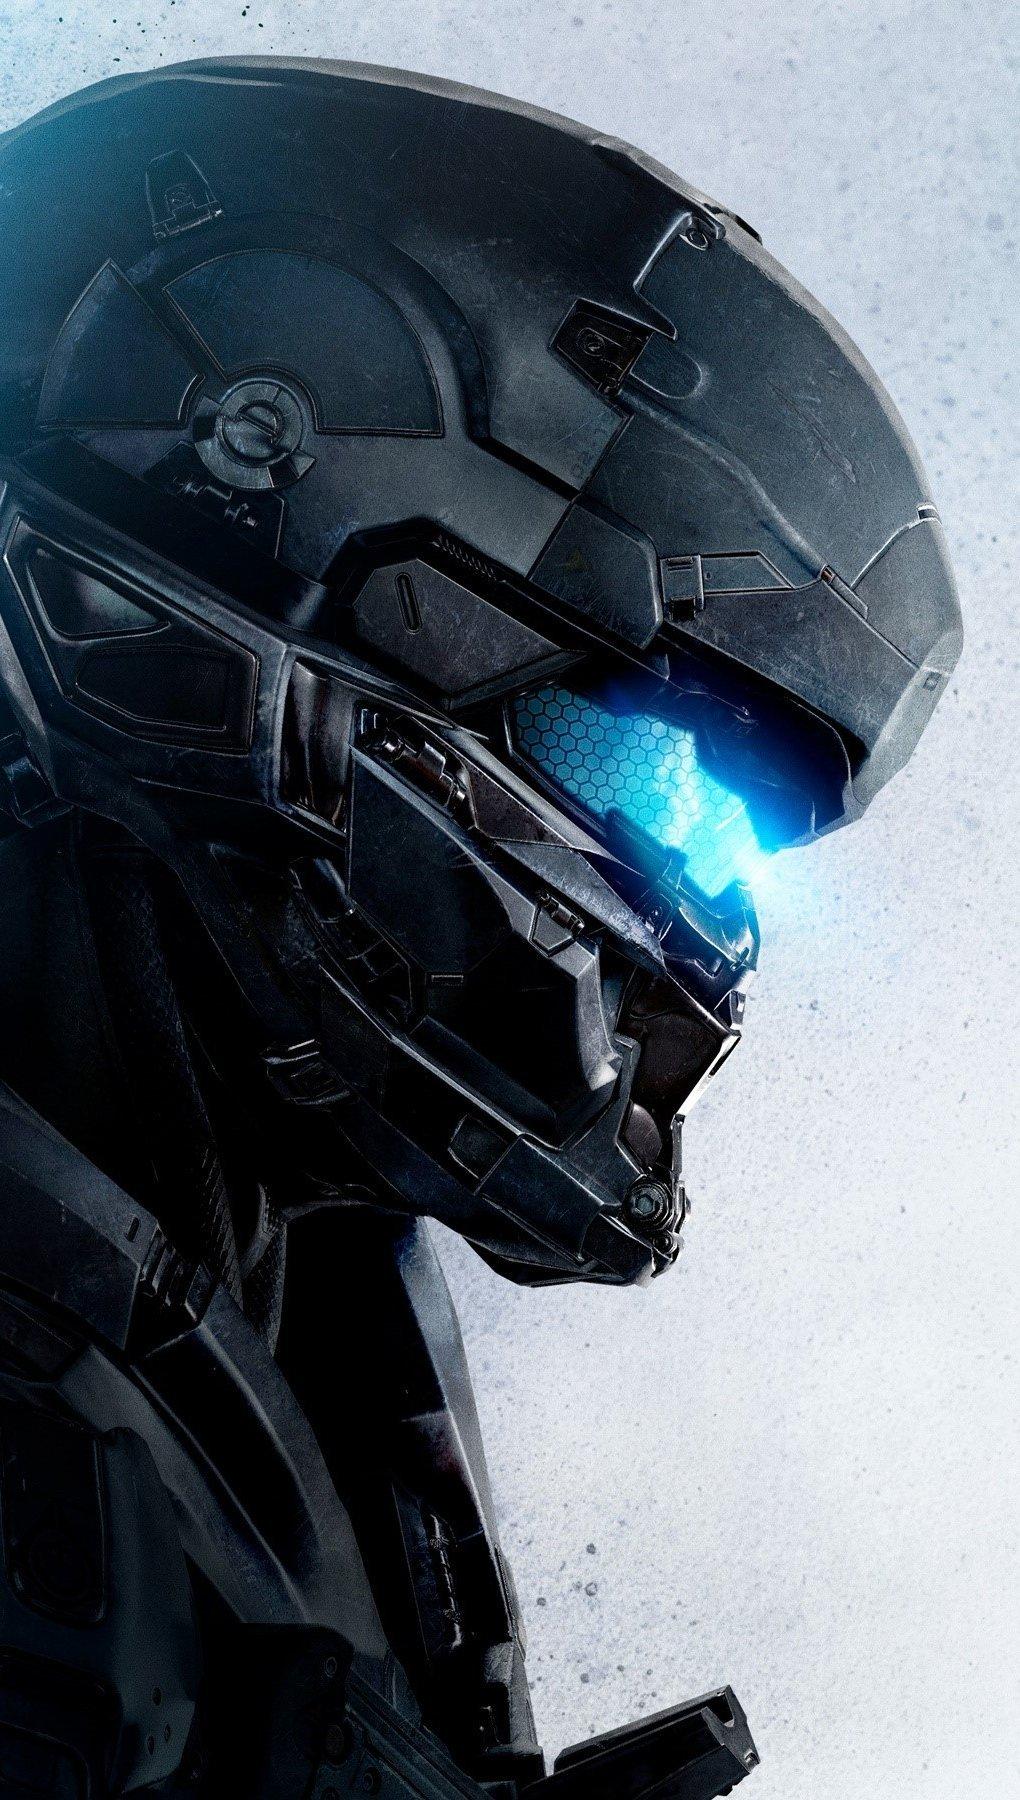 Fondos de pantalla Halo 5 Vertical